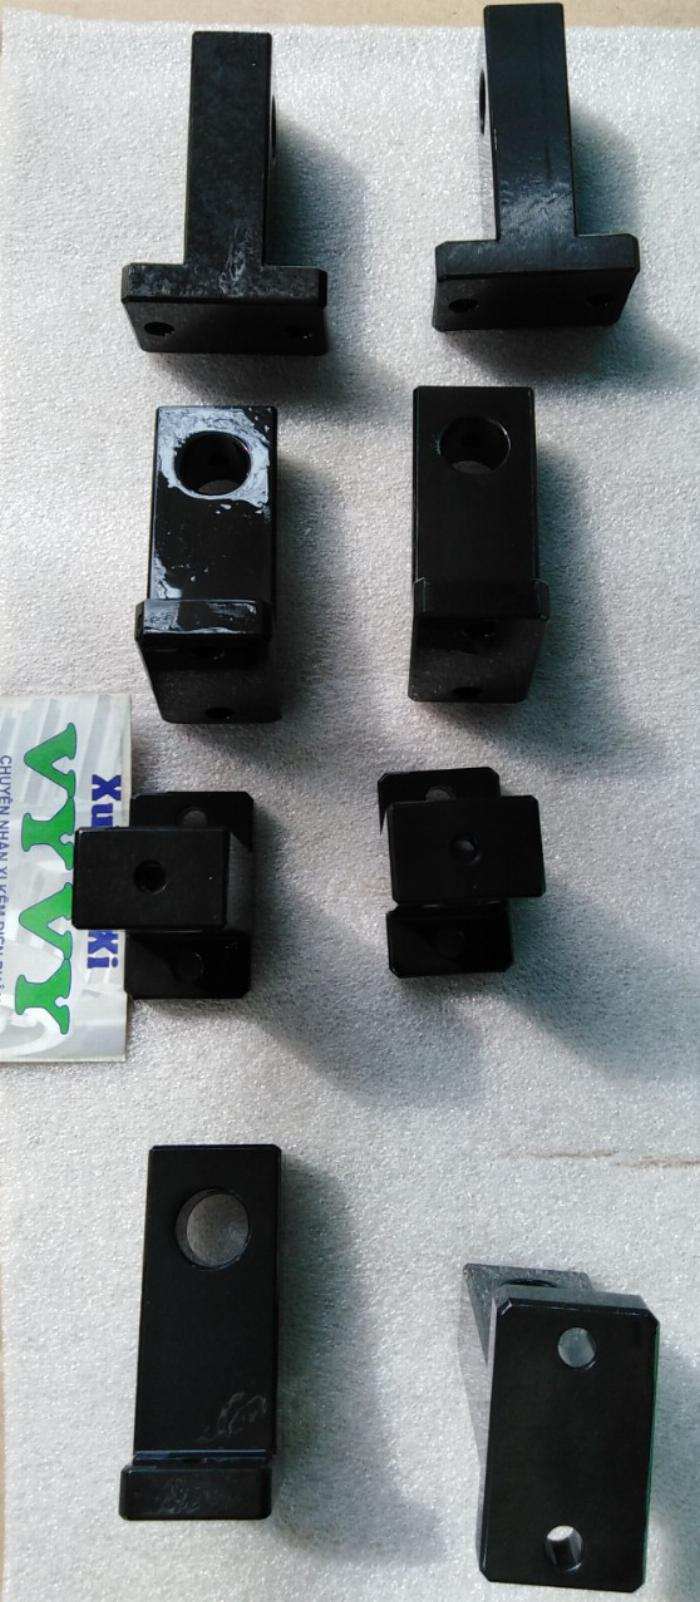 Công ty xi mạ Vy Vy HCM tự tin đáp ứng nhu cầu khắt khe nhất của sản phẩm. 7